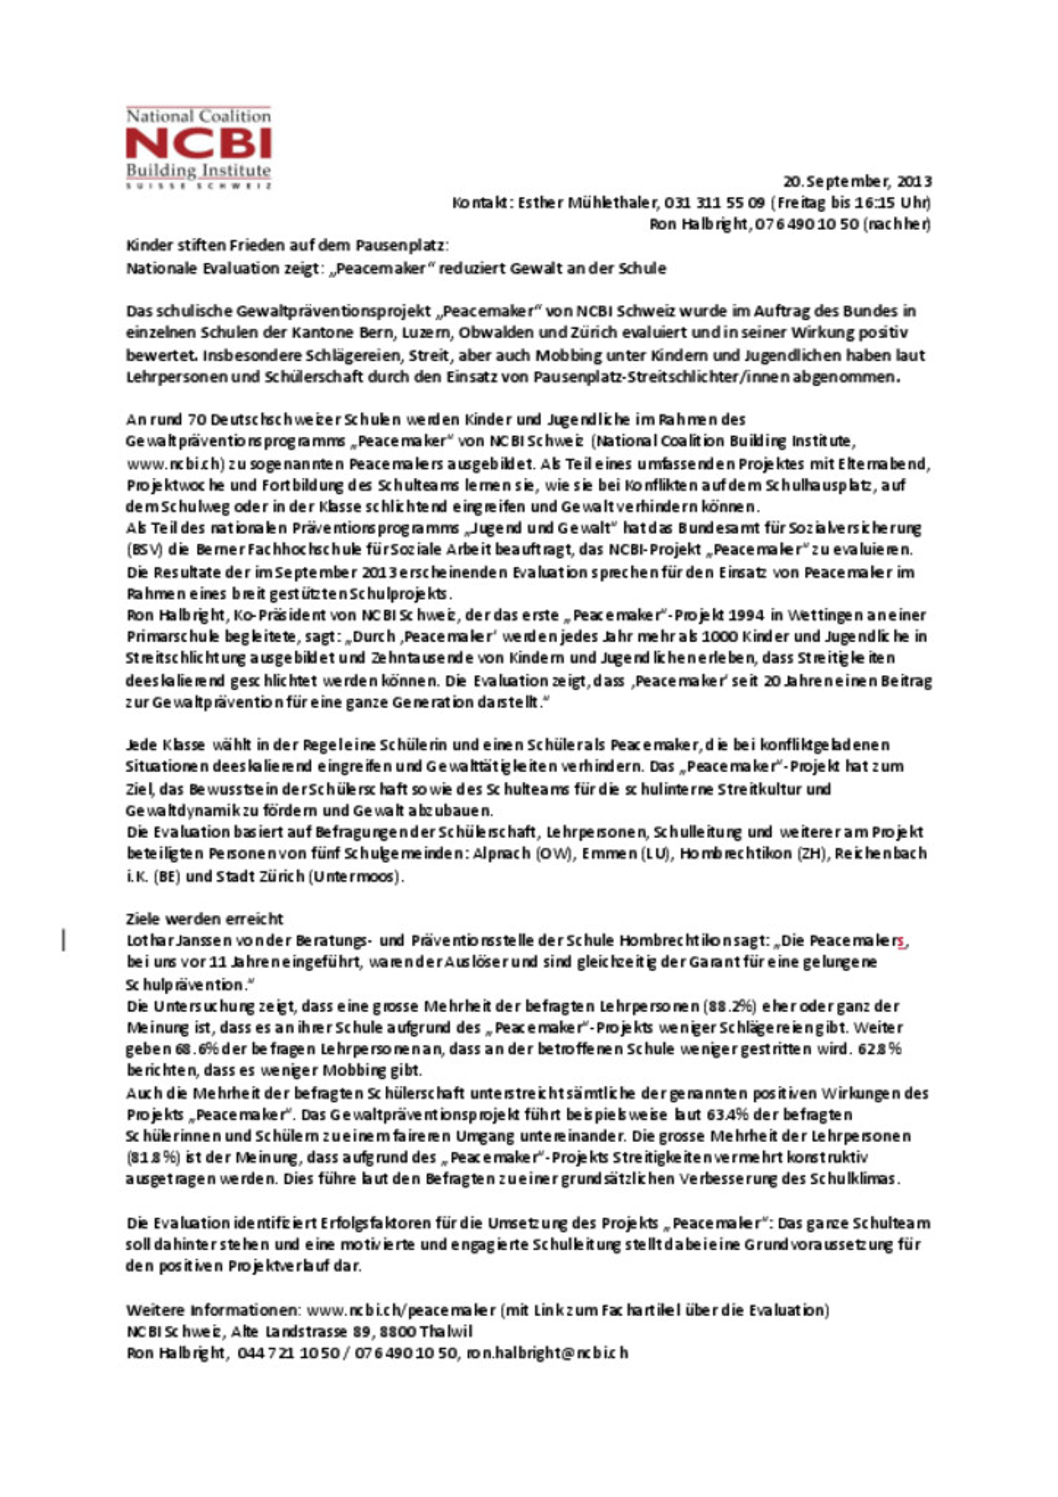 thumbnail of Medienmitteilung – BSV Evaluation – Peacemaker reduziert Gewalt an der Schule